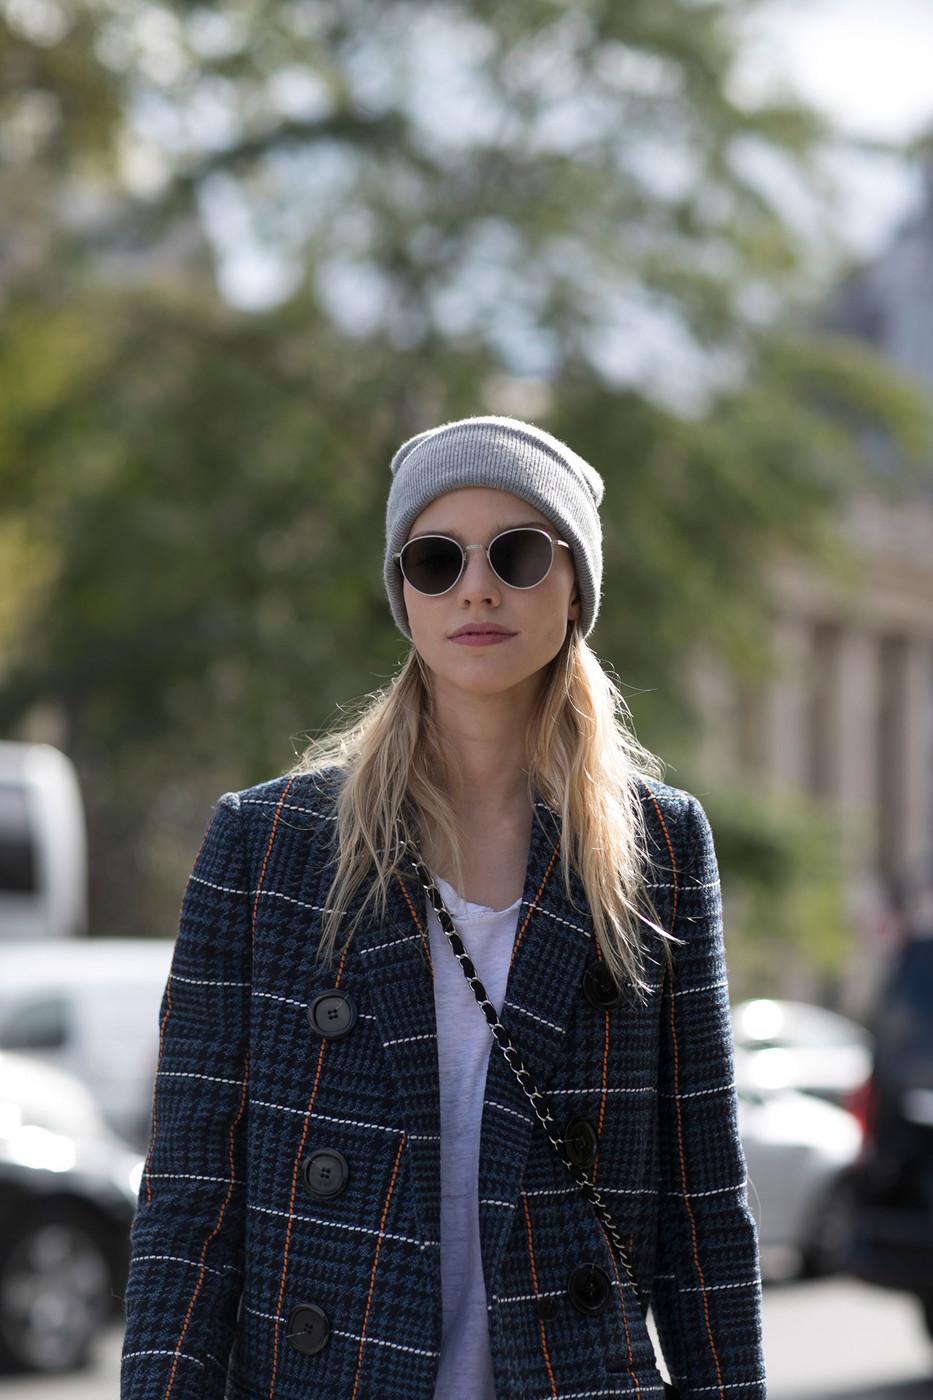 Street Style: Sasha Luss Goes Punk in Tartan